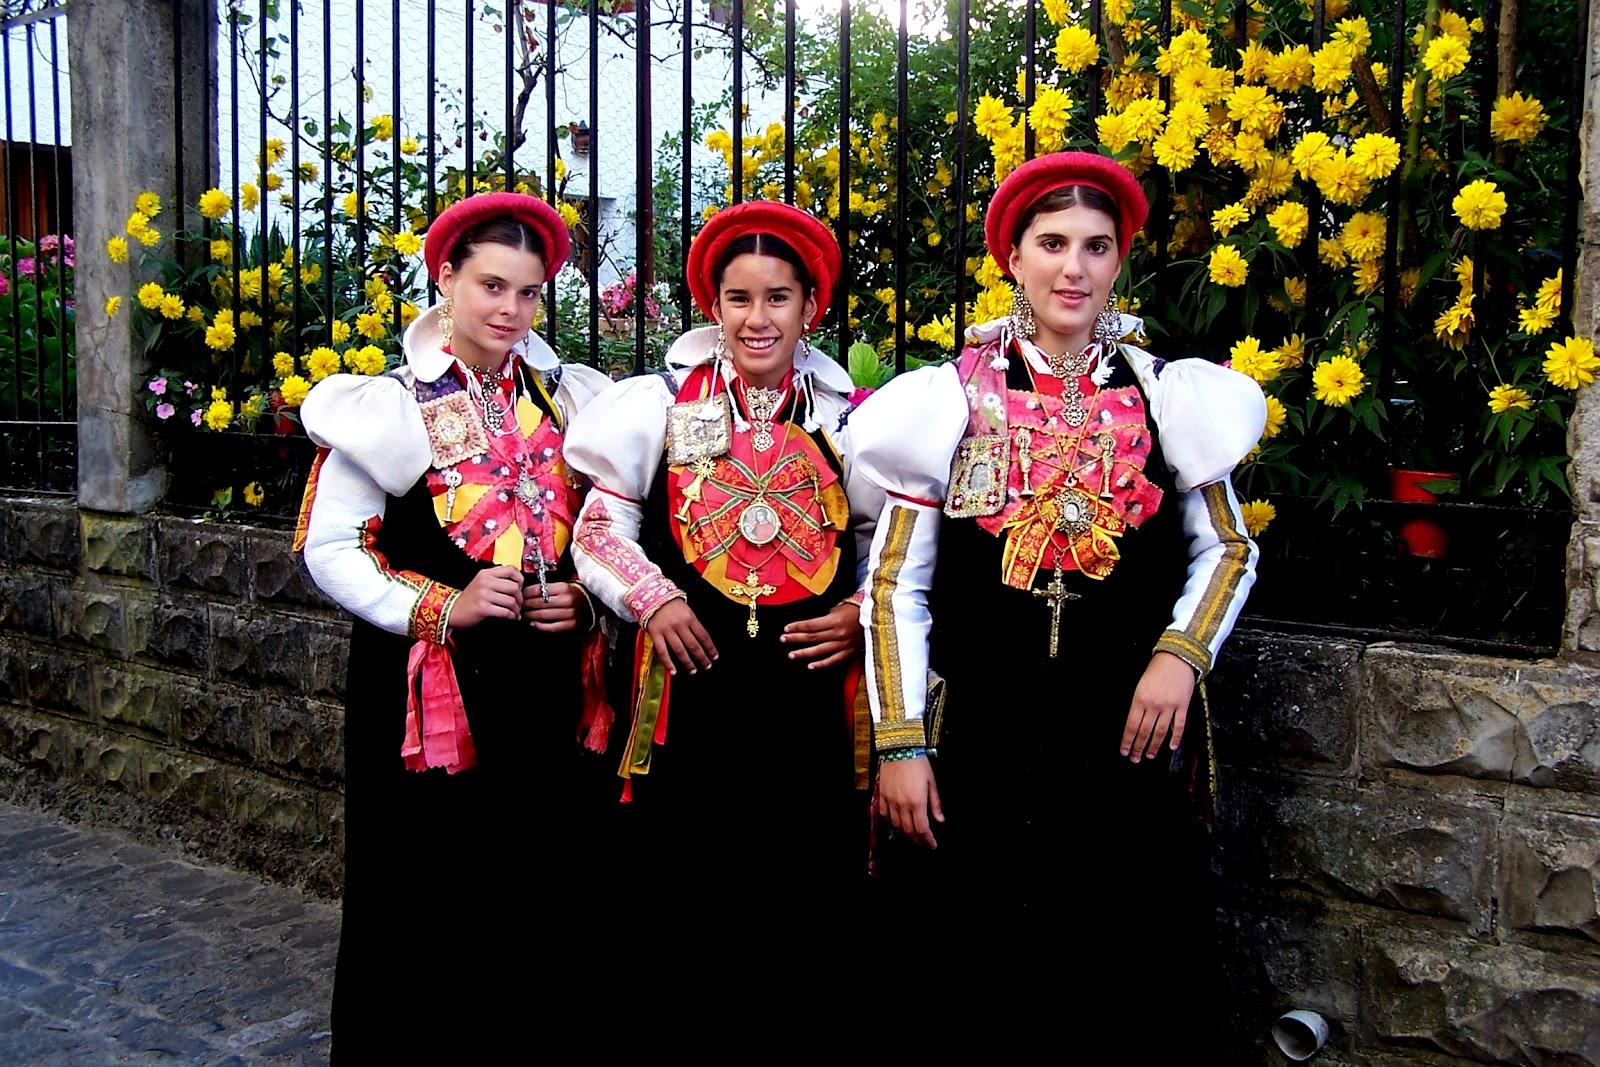 поворот мопеде фольклорный вечер в будапеште отзывы слова Константин